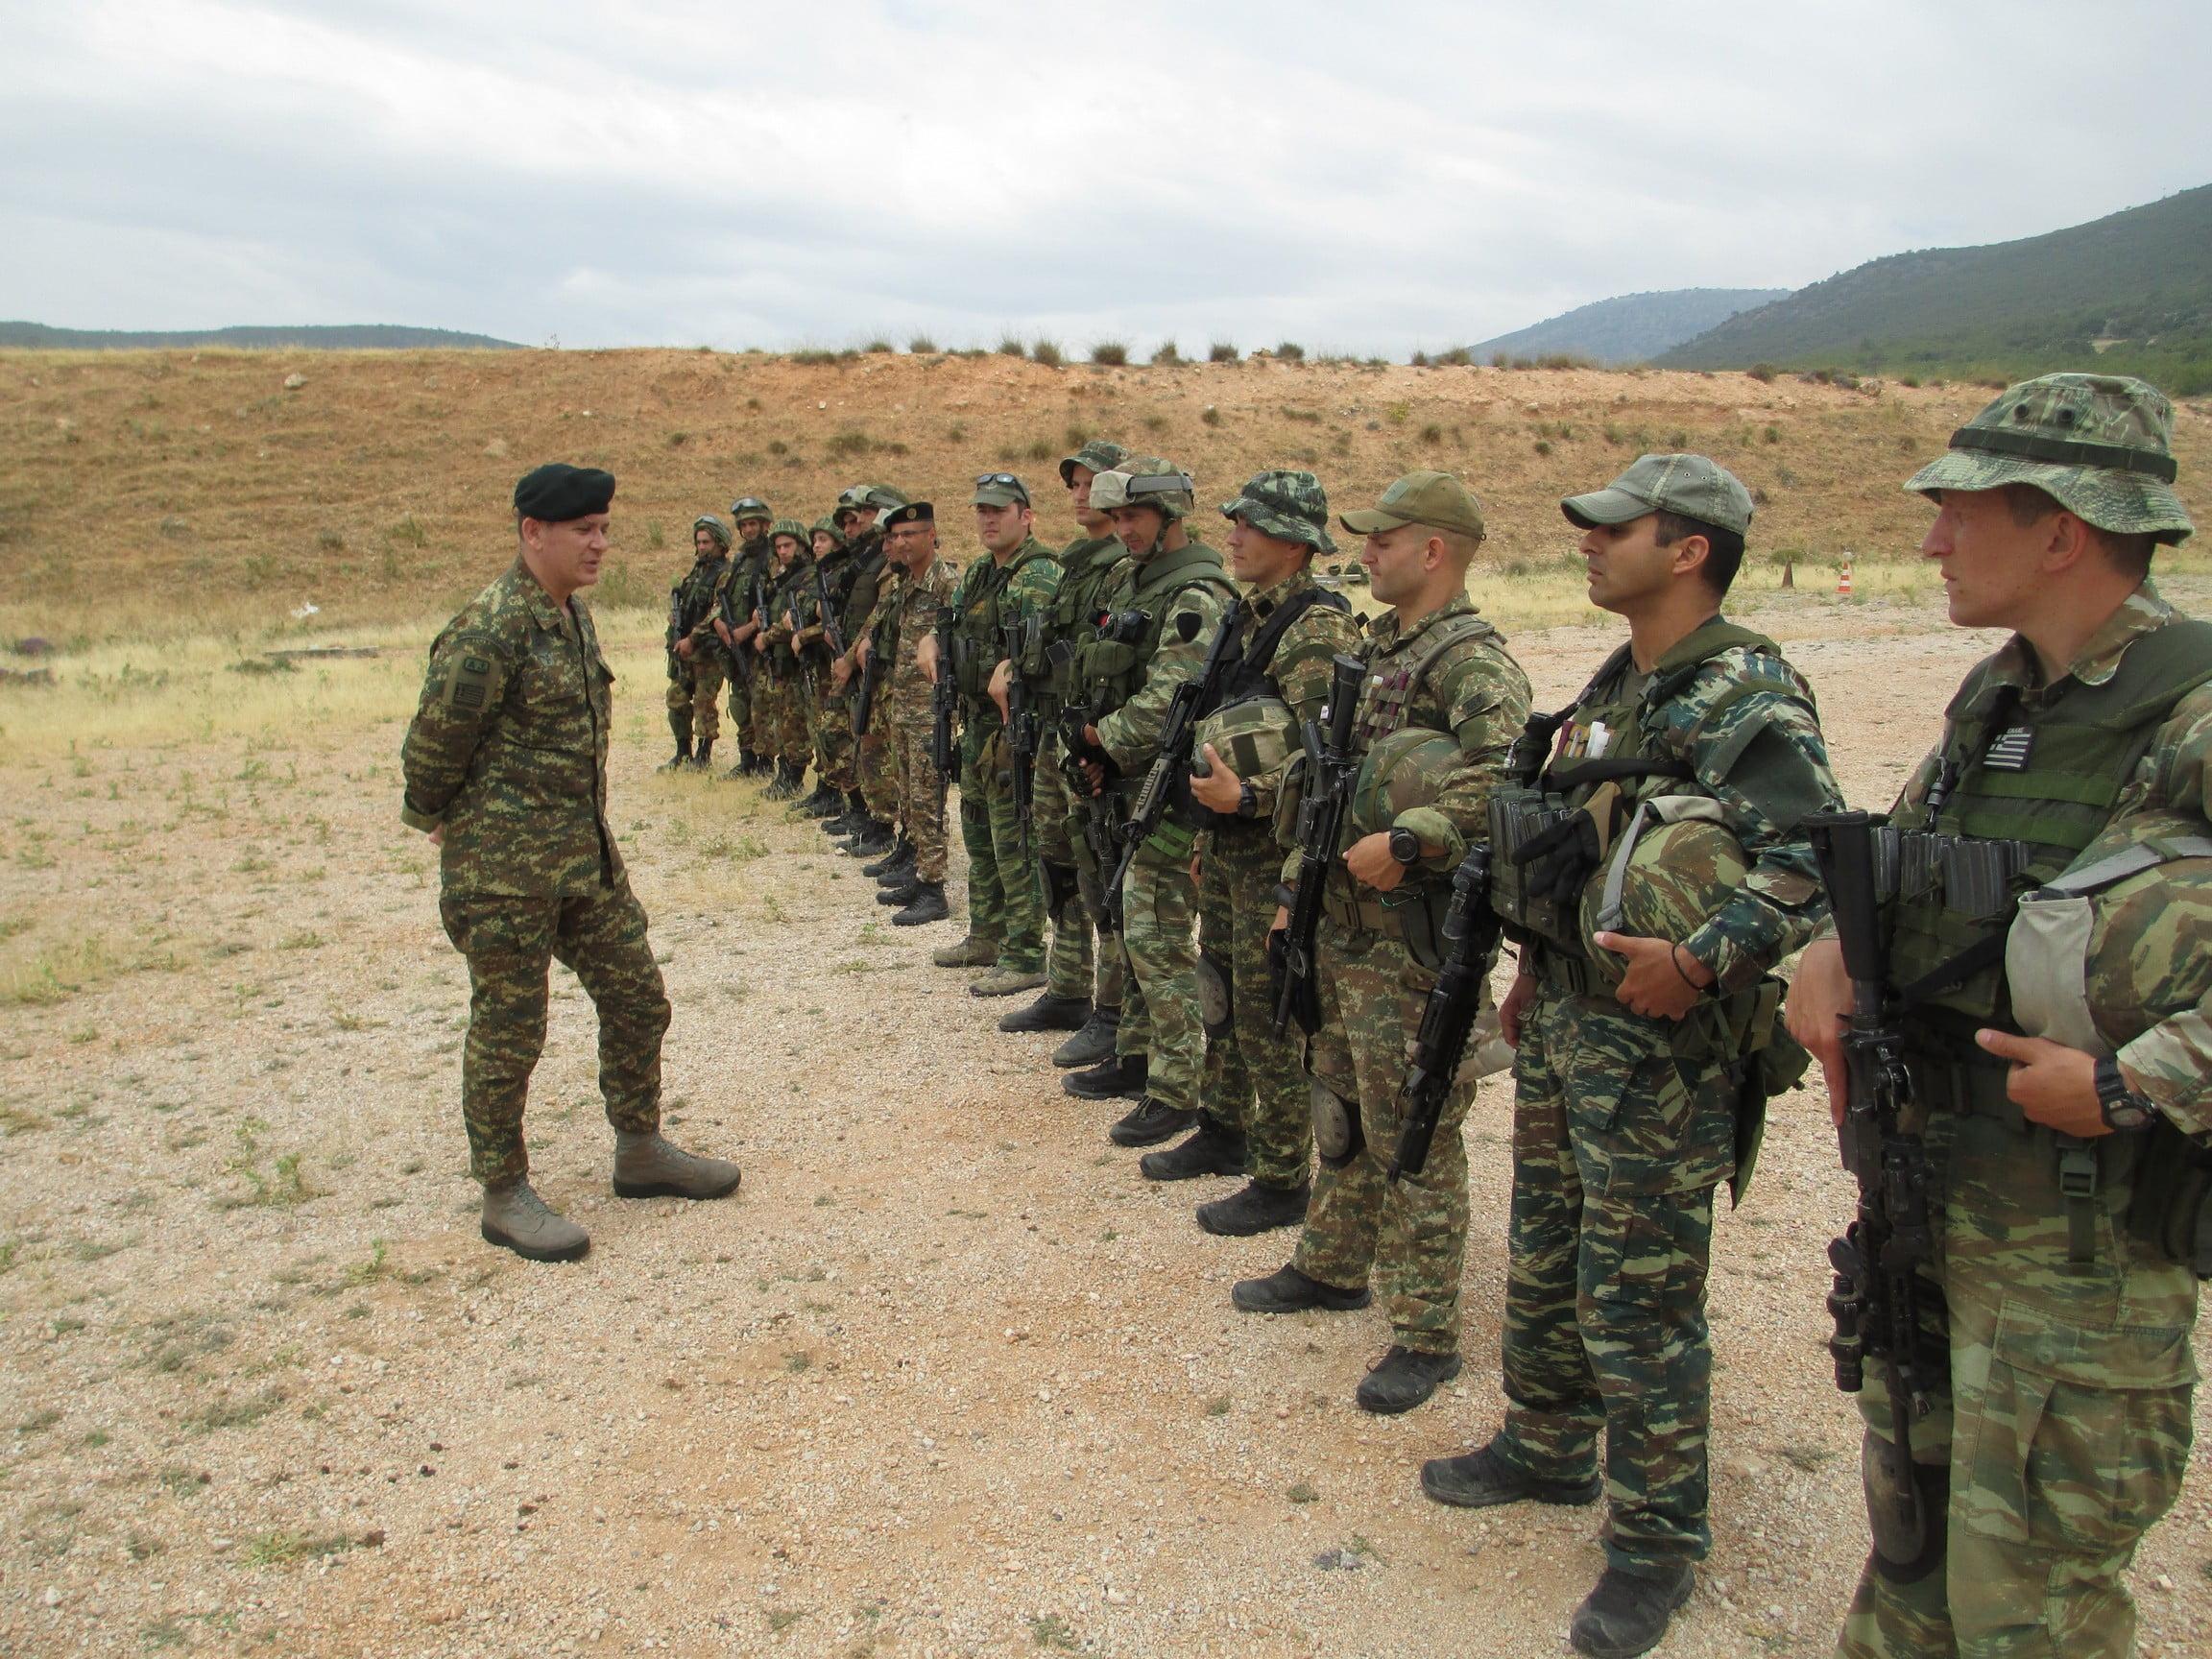 Έλληνες εκπαιδευτές των Αρμενίων κομάντος